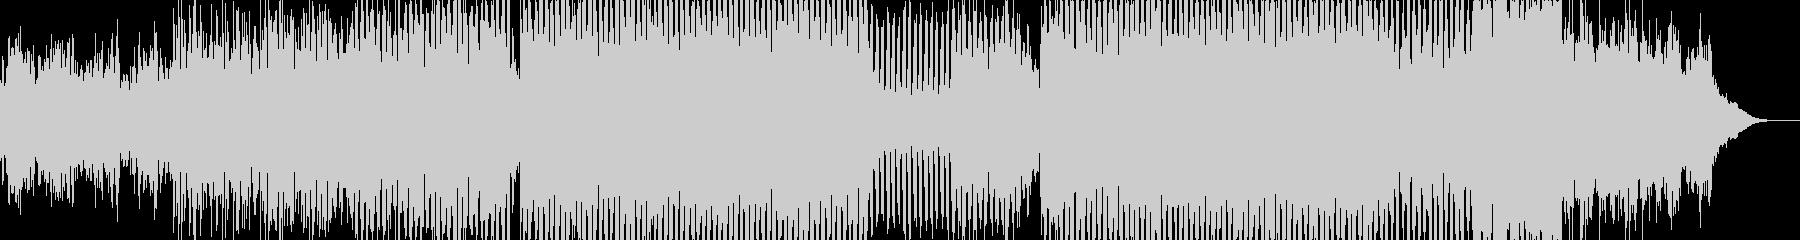 ハッピー・ピアノ・ハウスの未再生の波形